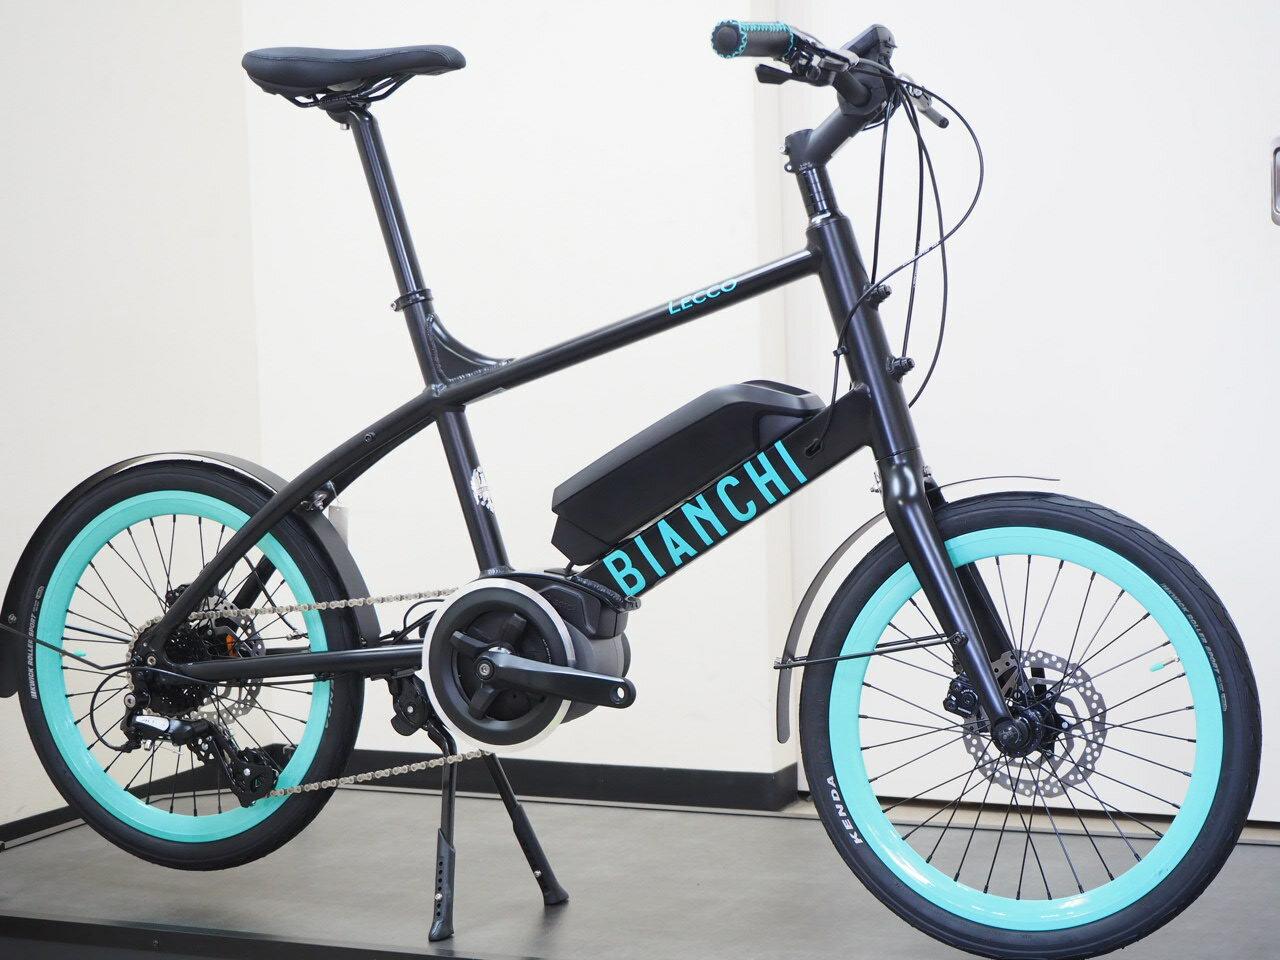 Bianchi(ビアンキ)『2020Lecco-E』